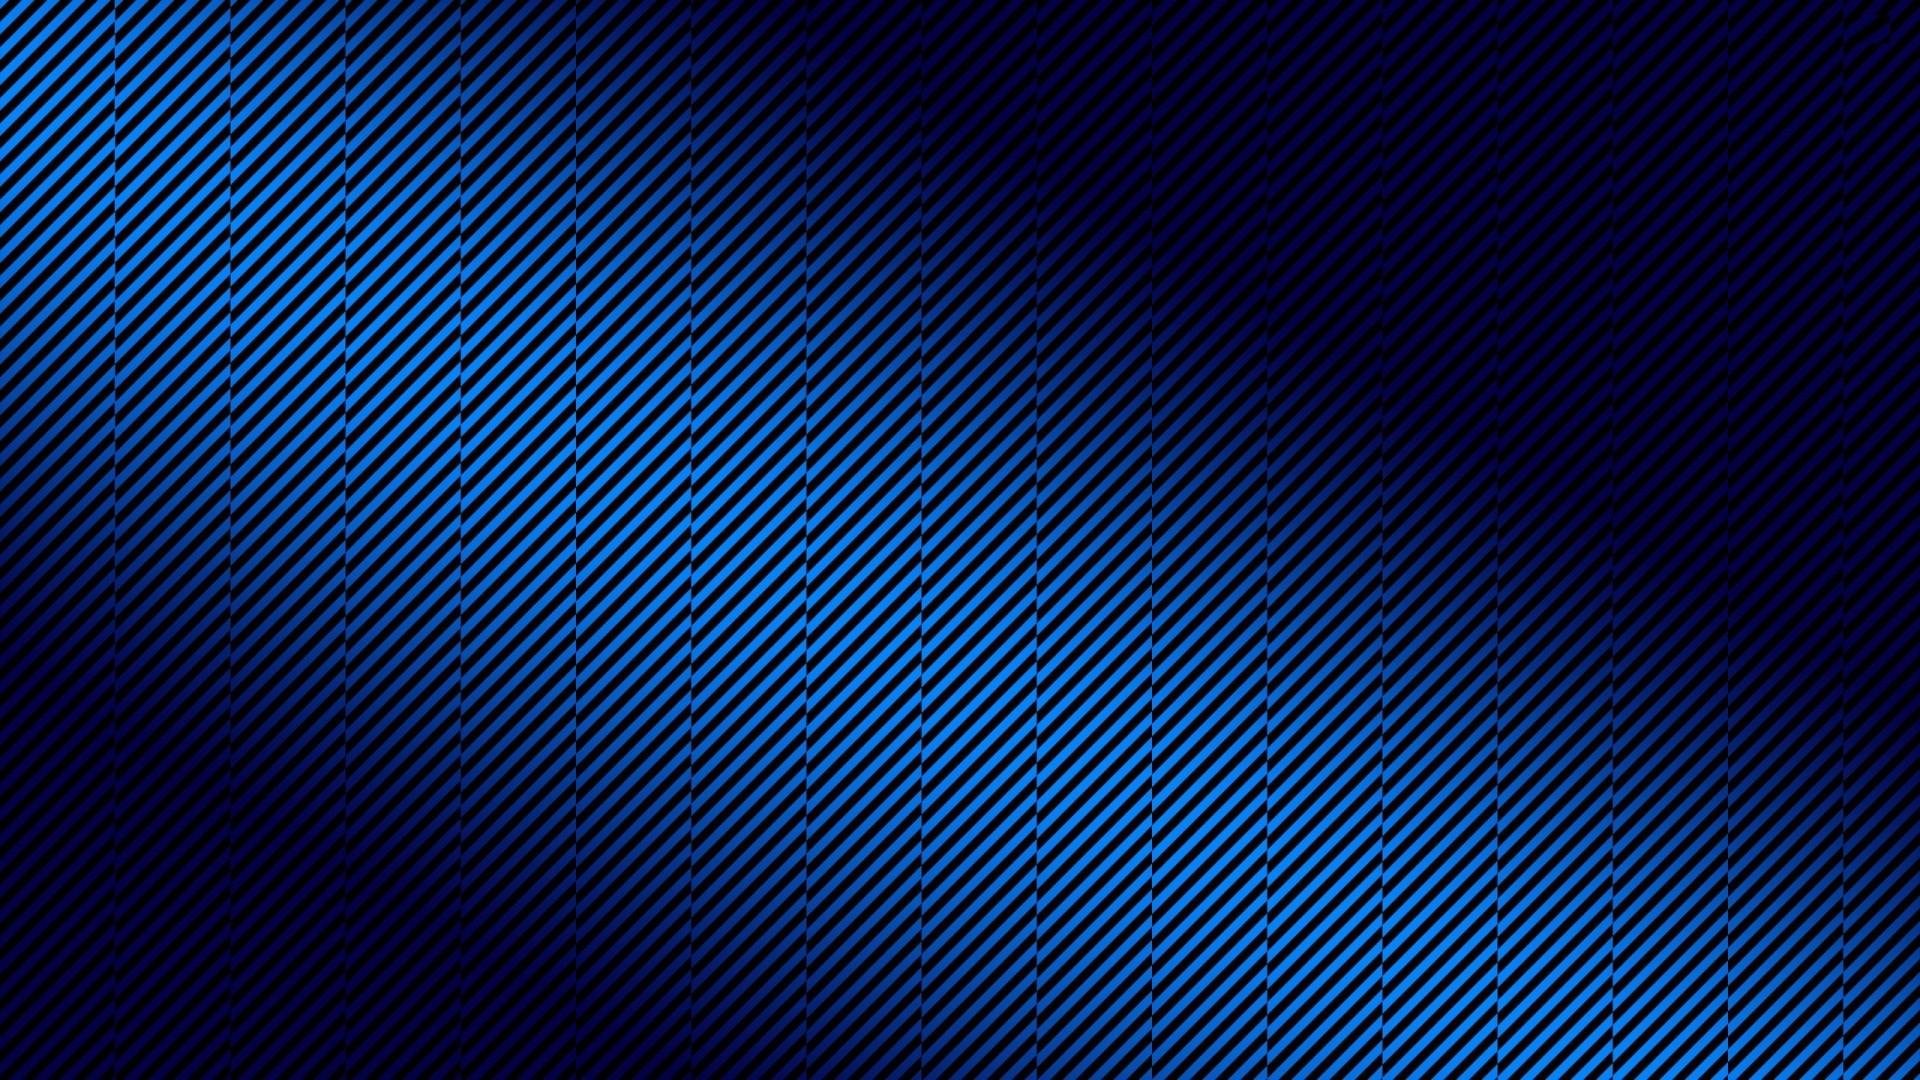 Carbon Fiber wallpaper image hd